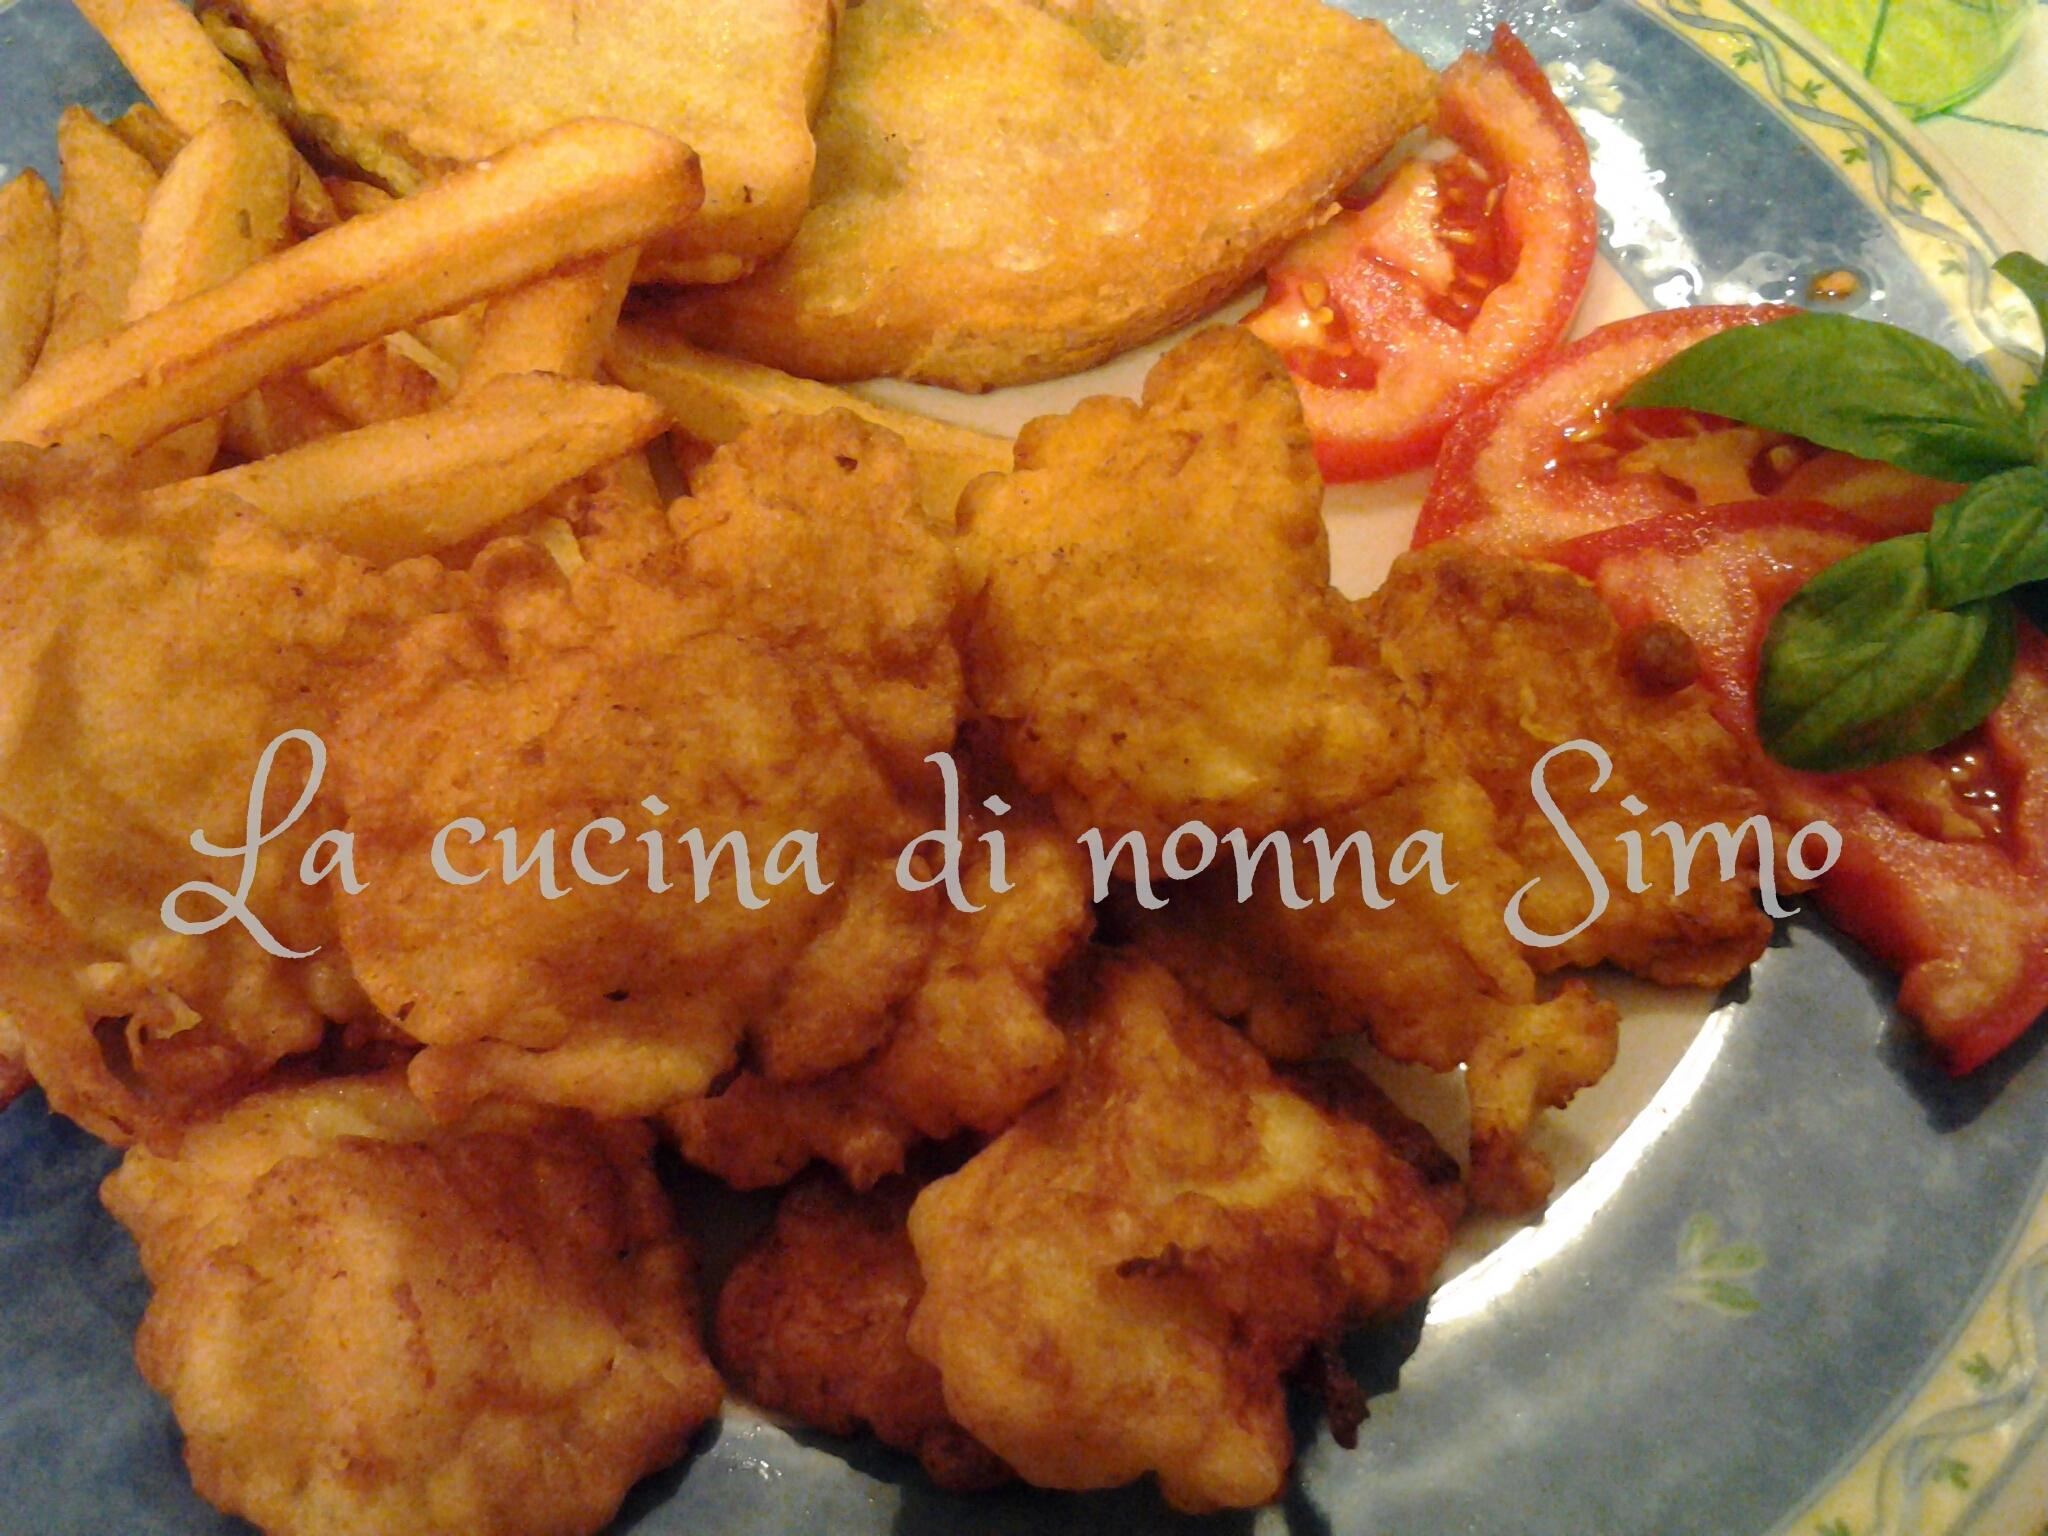 Petto Di Pollo Fritto In Pastella La Cucina Di Nonna Simo